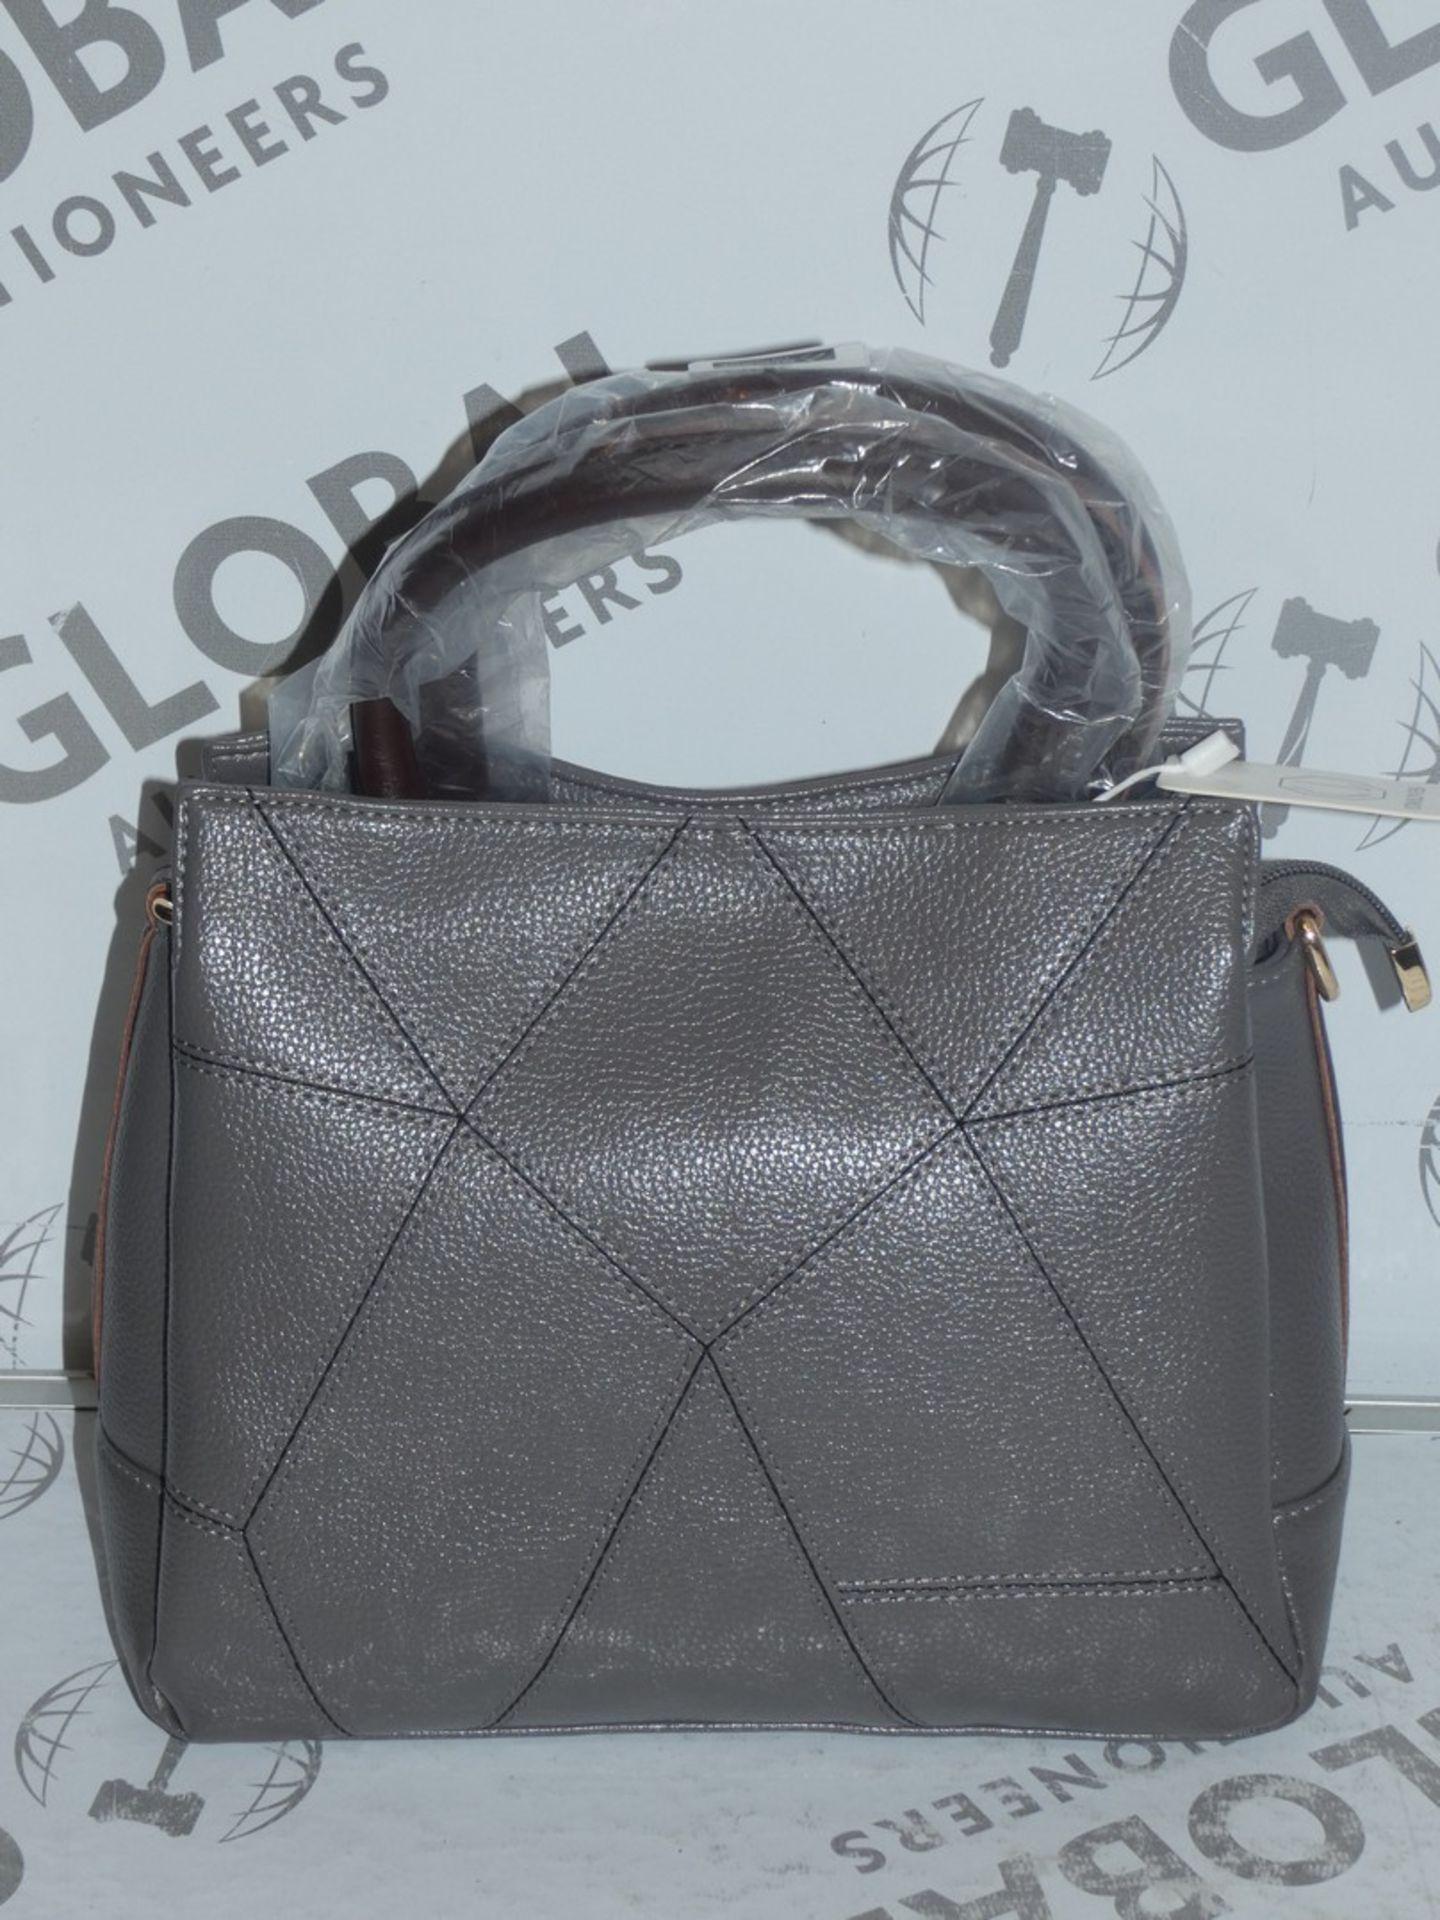 Lot 24 - Brand New Coolives Women's Grey Leather Designer Shoulder Bag RRP £50